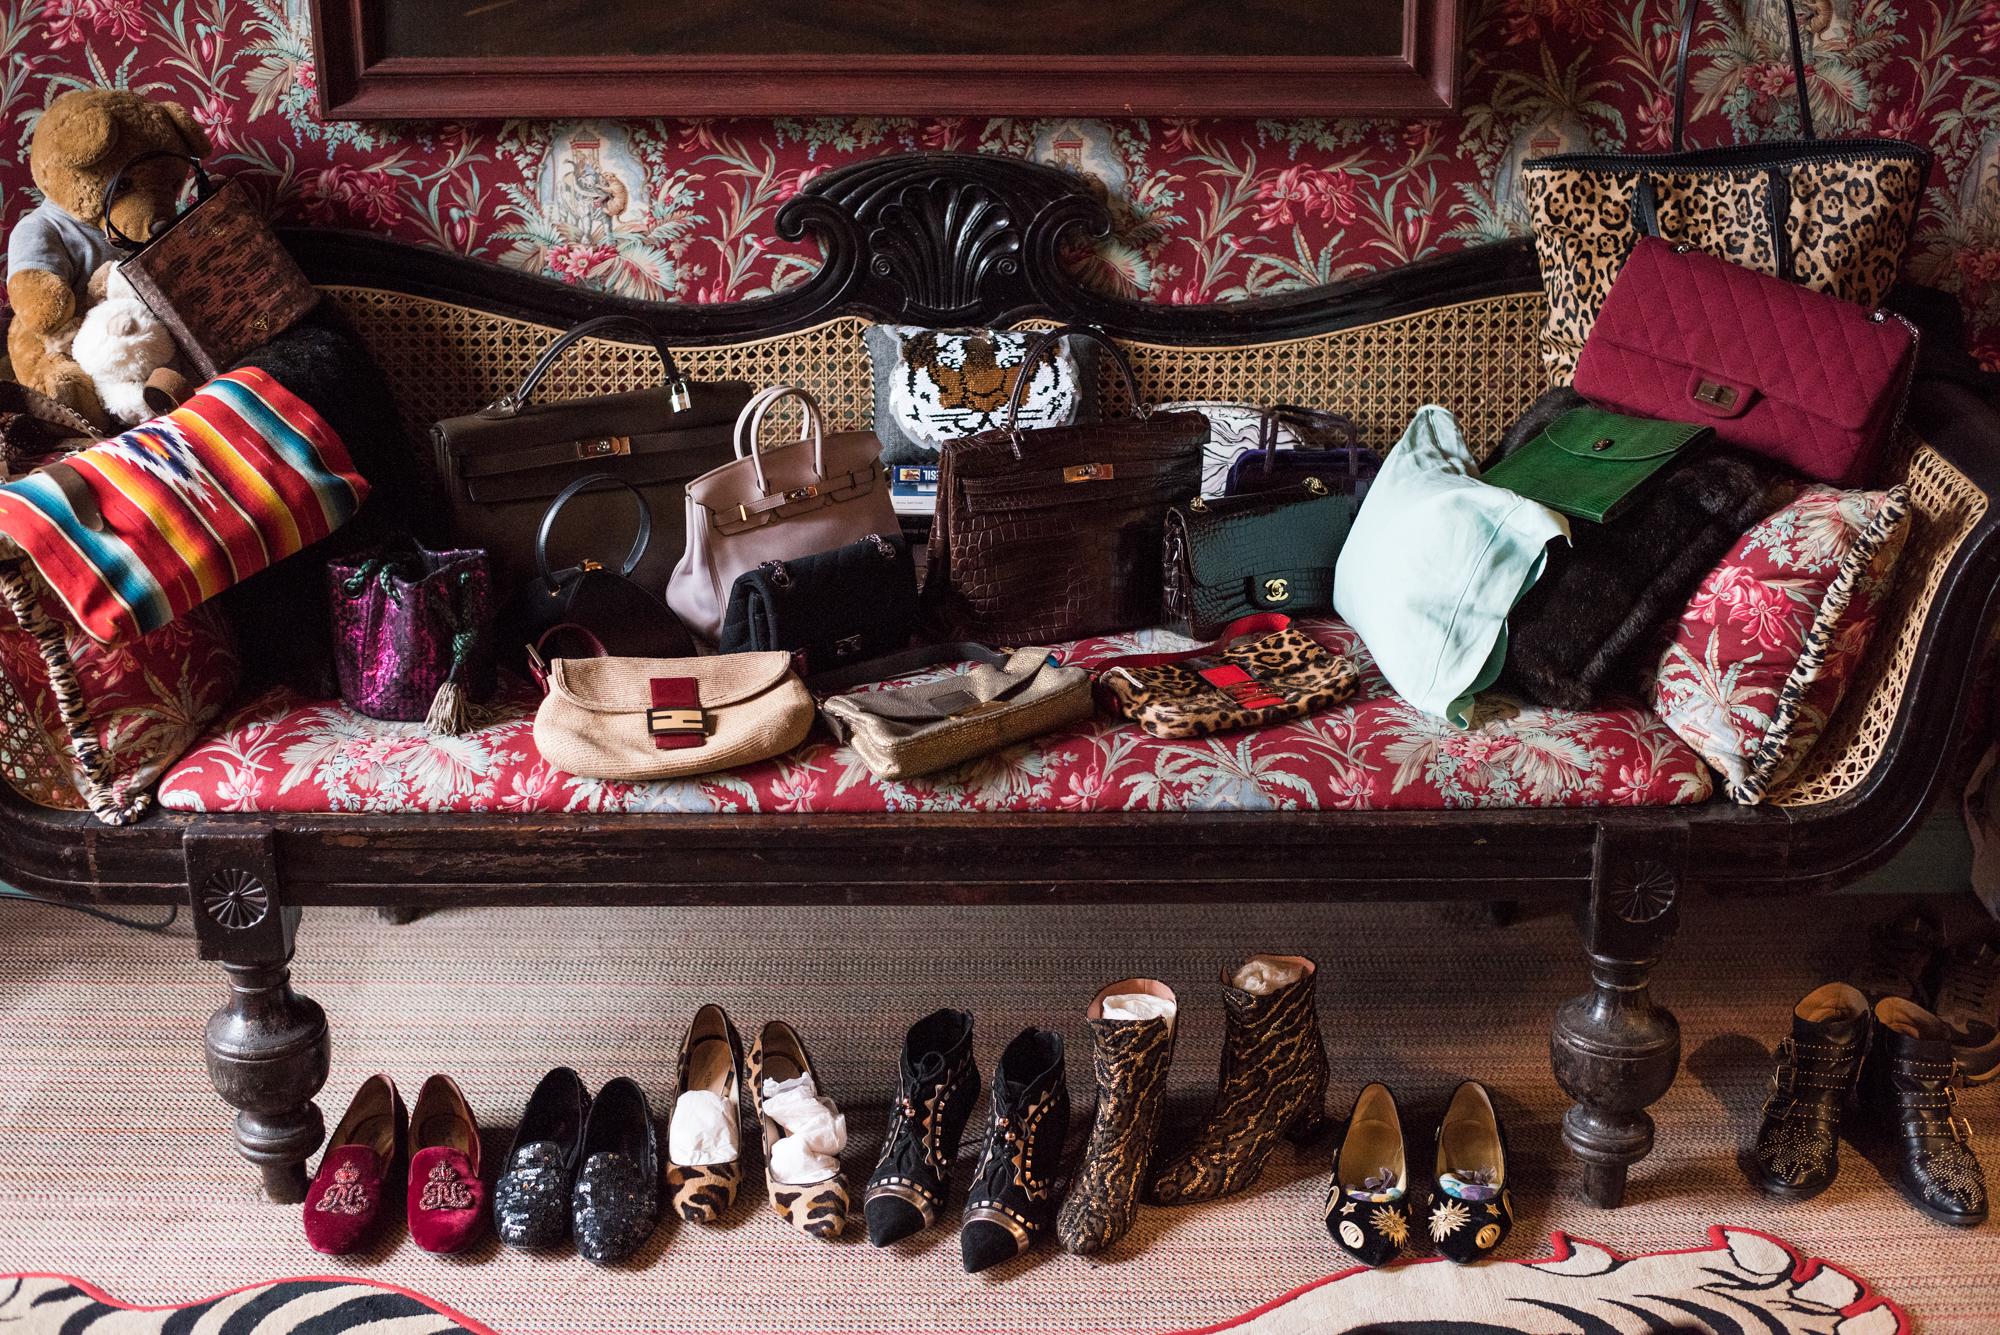 Martinen käsilaukkuja vasemmalta oikealle:  Dolphine Delafon pussukka, 30 vuotta vanha musta Hermésin pyramidi laukku,pieni Hermésin puuterinsävyinen Birgin, Hermésin Kelly krokotiilinnahasta, Chanelin pieni musta olkalaukku krokotiilinnahasta, Chanelin isohko punainen jerseylaukku on lahja tyttäreltä ja pienet Fendin laukut edessä otetaan yleensä matkalle mukaan, koska ne mahtuvat kätevästi pieneen tilaan.